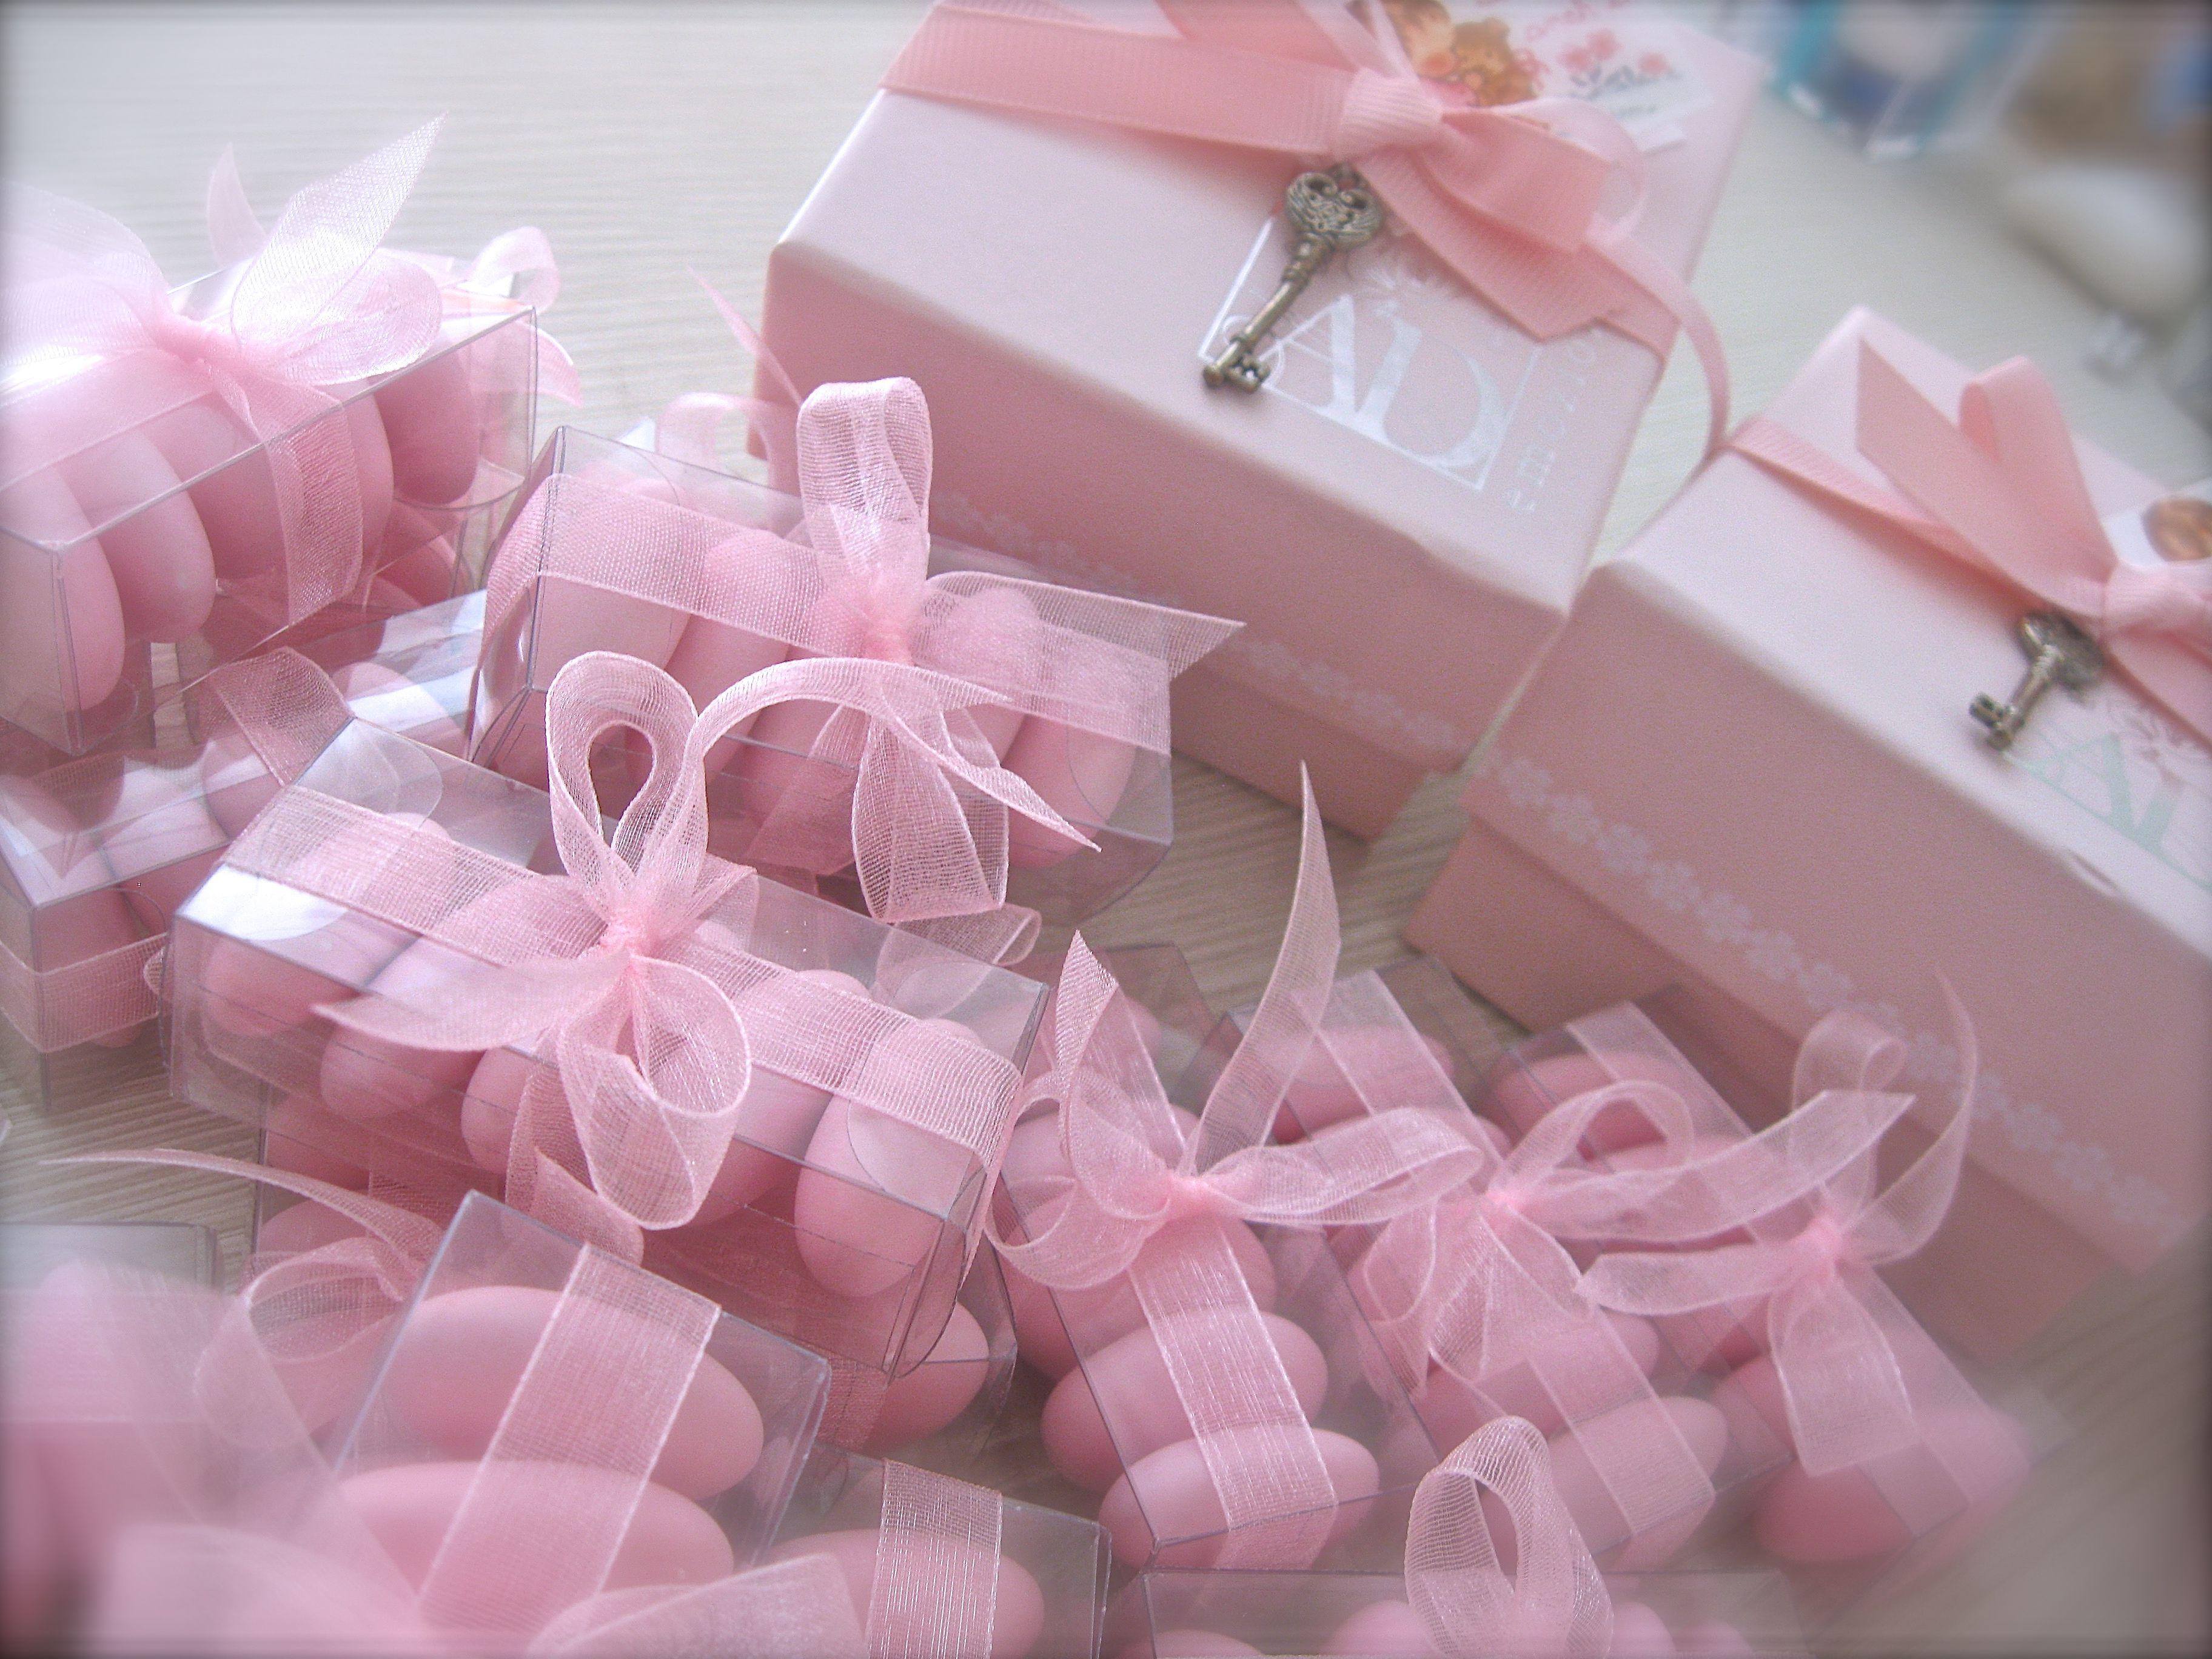 Rosa confetto #rosa #confetti #profumo #bomboniere #battesimo ...